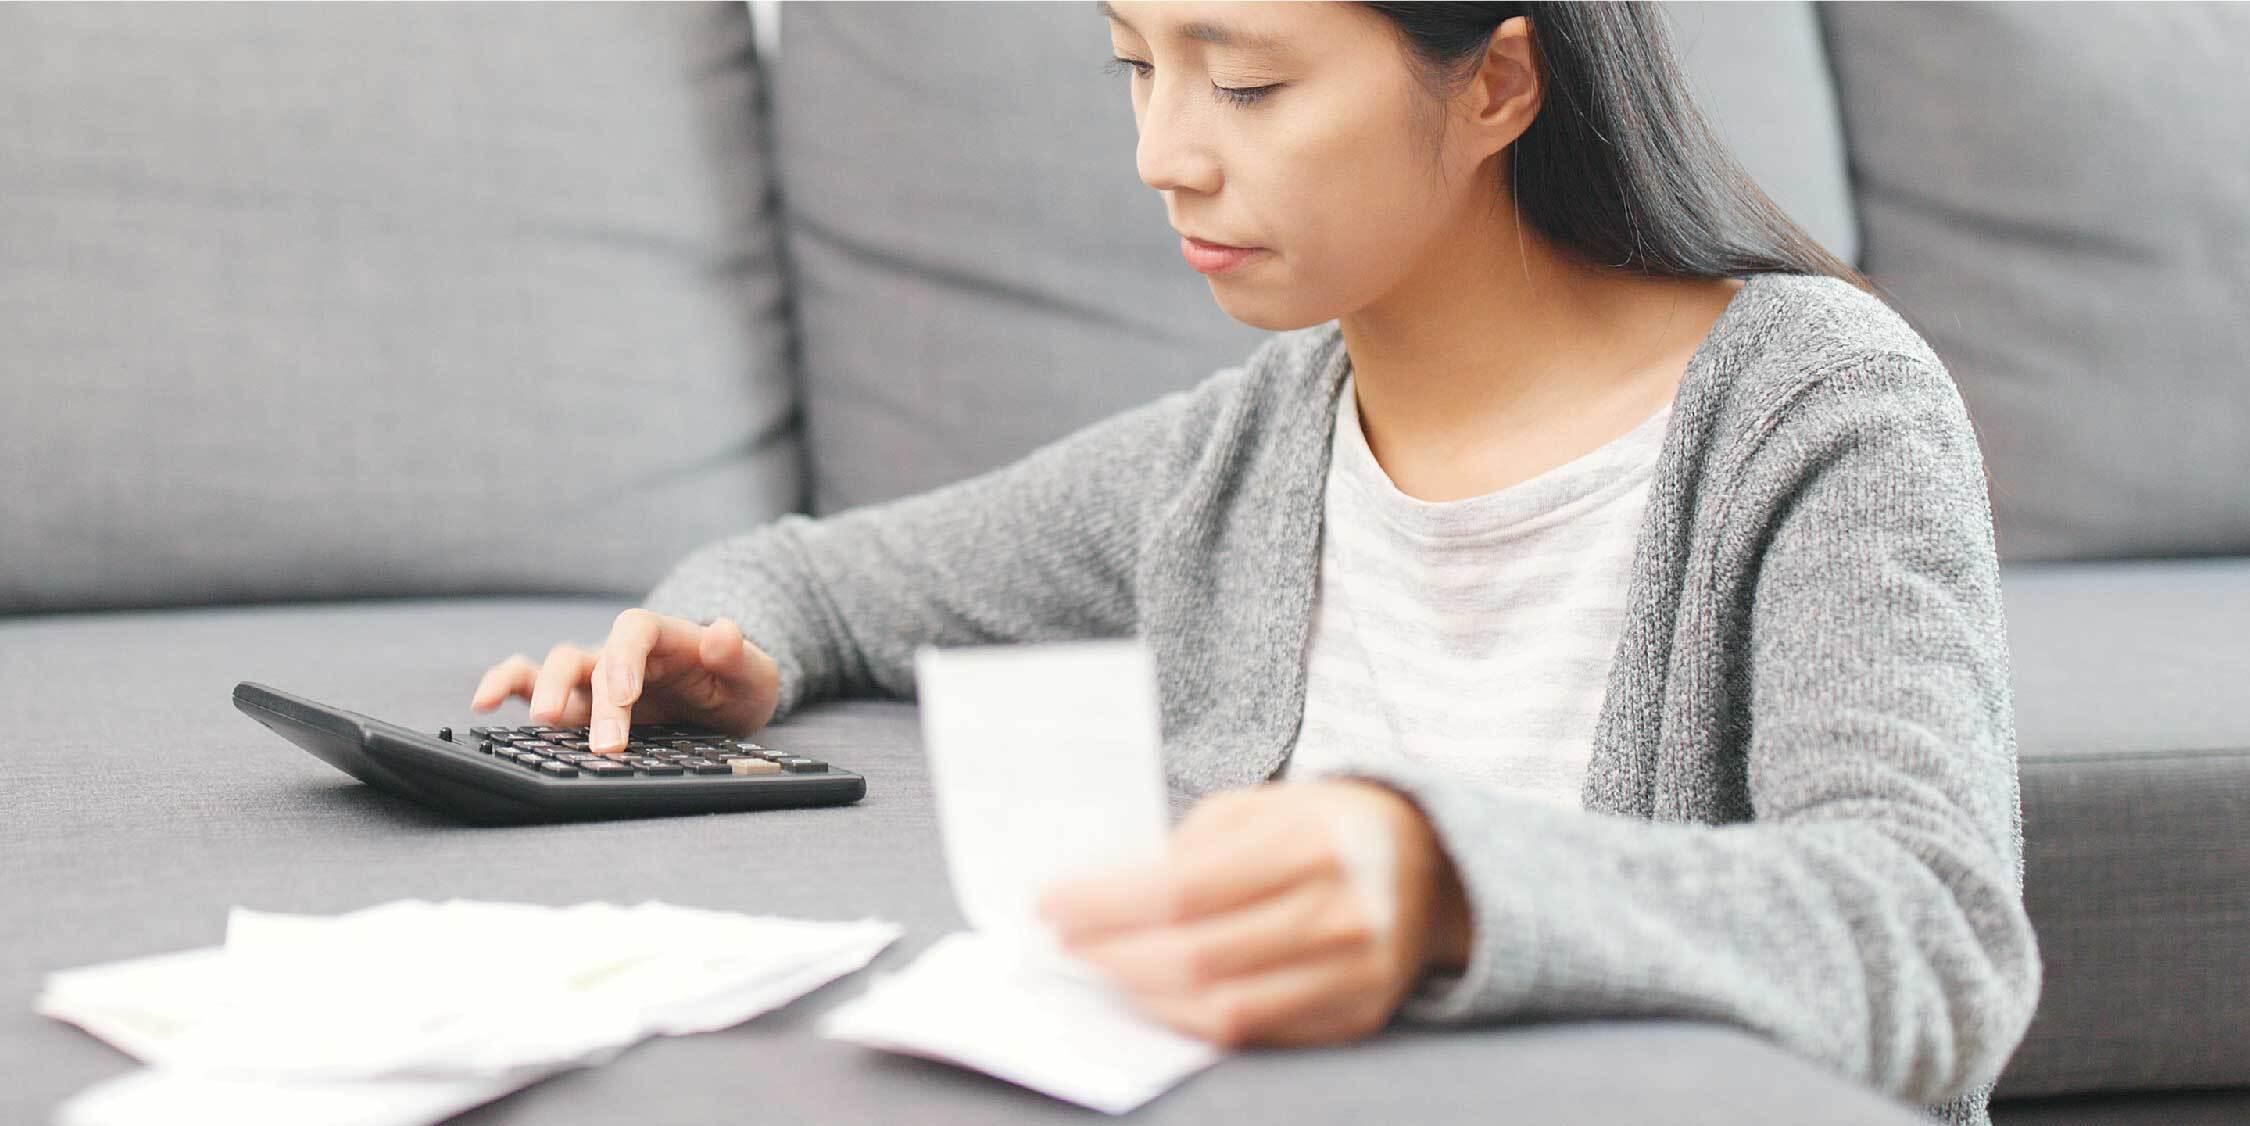 Serba Sulit, Ini yang Perlu Diperhatikan Dalam Mengatur Keuangan Saat Corona